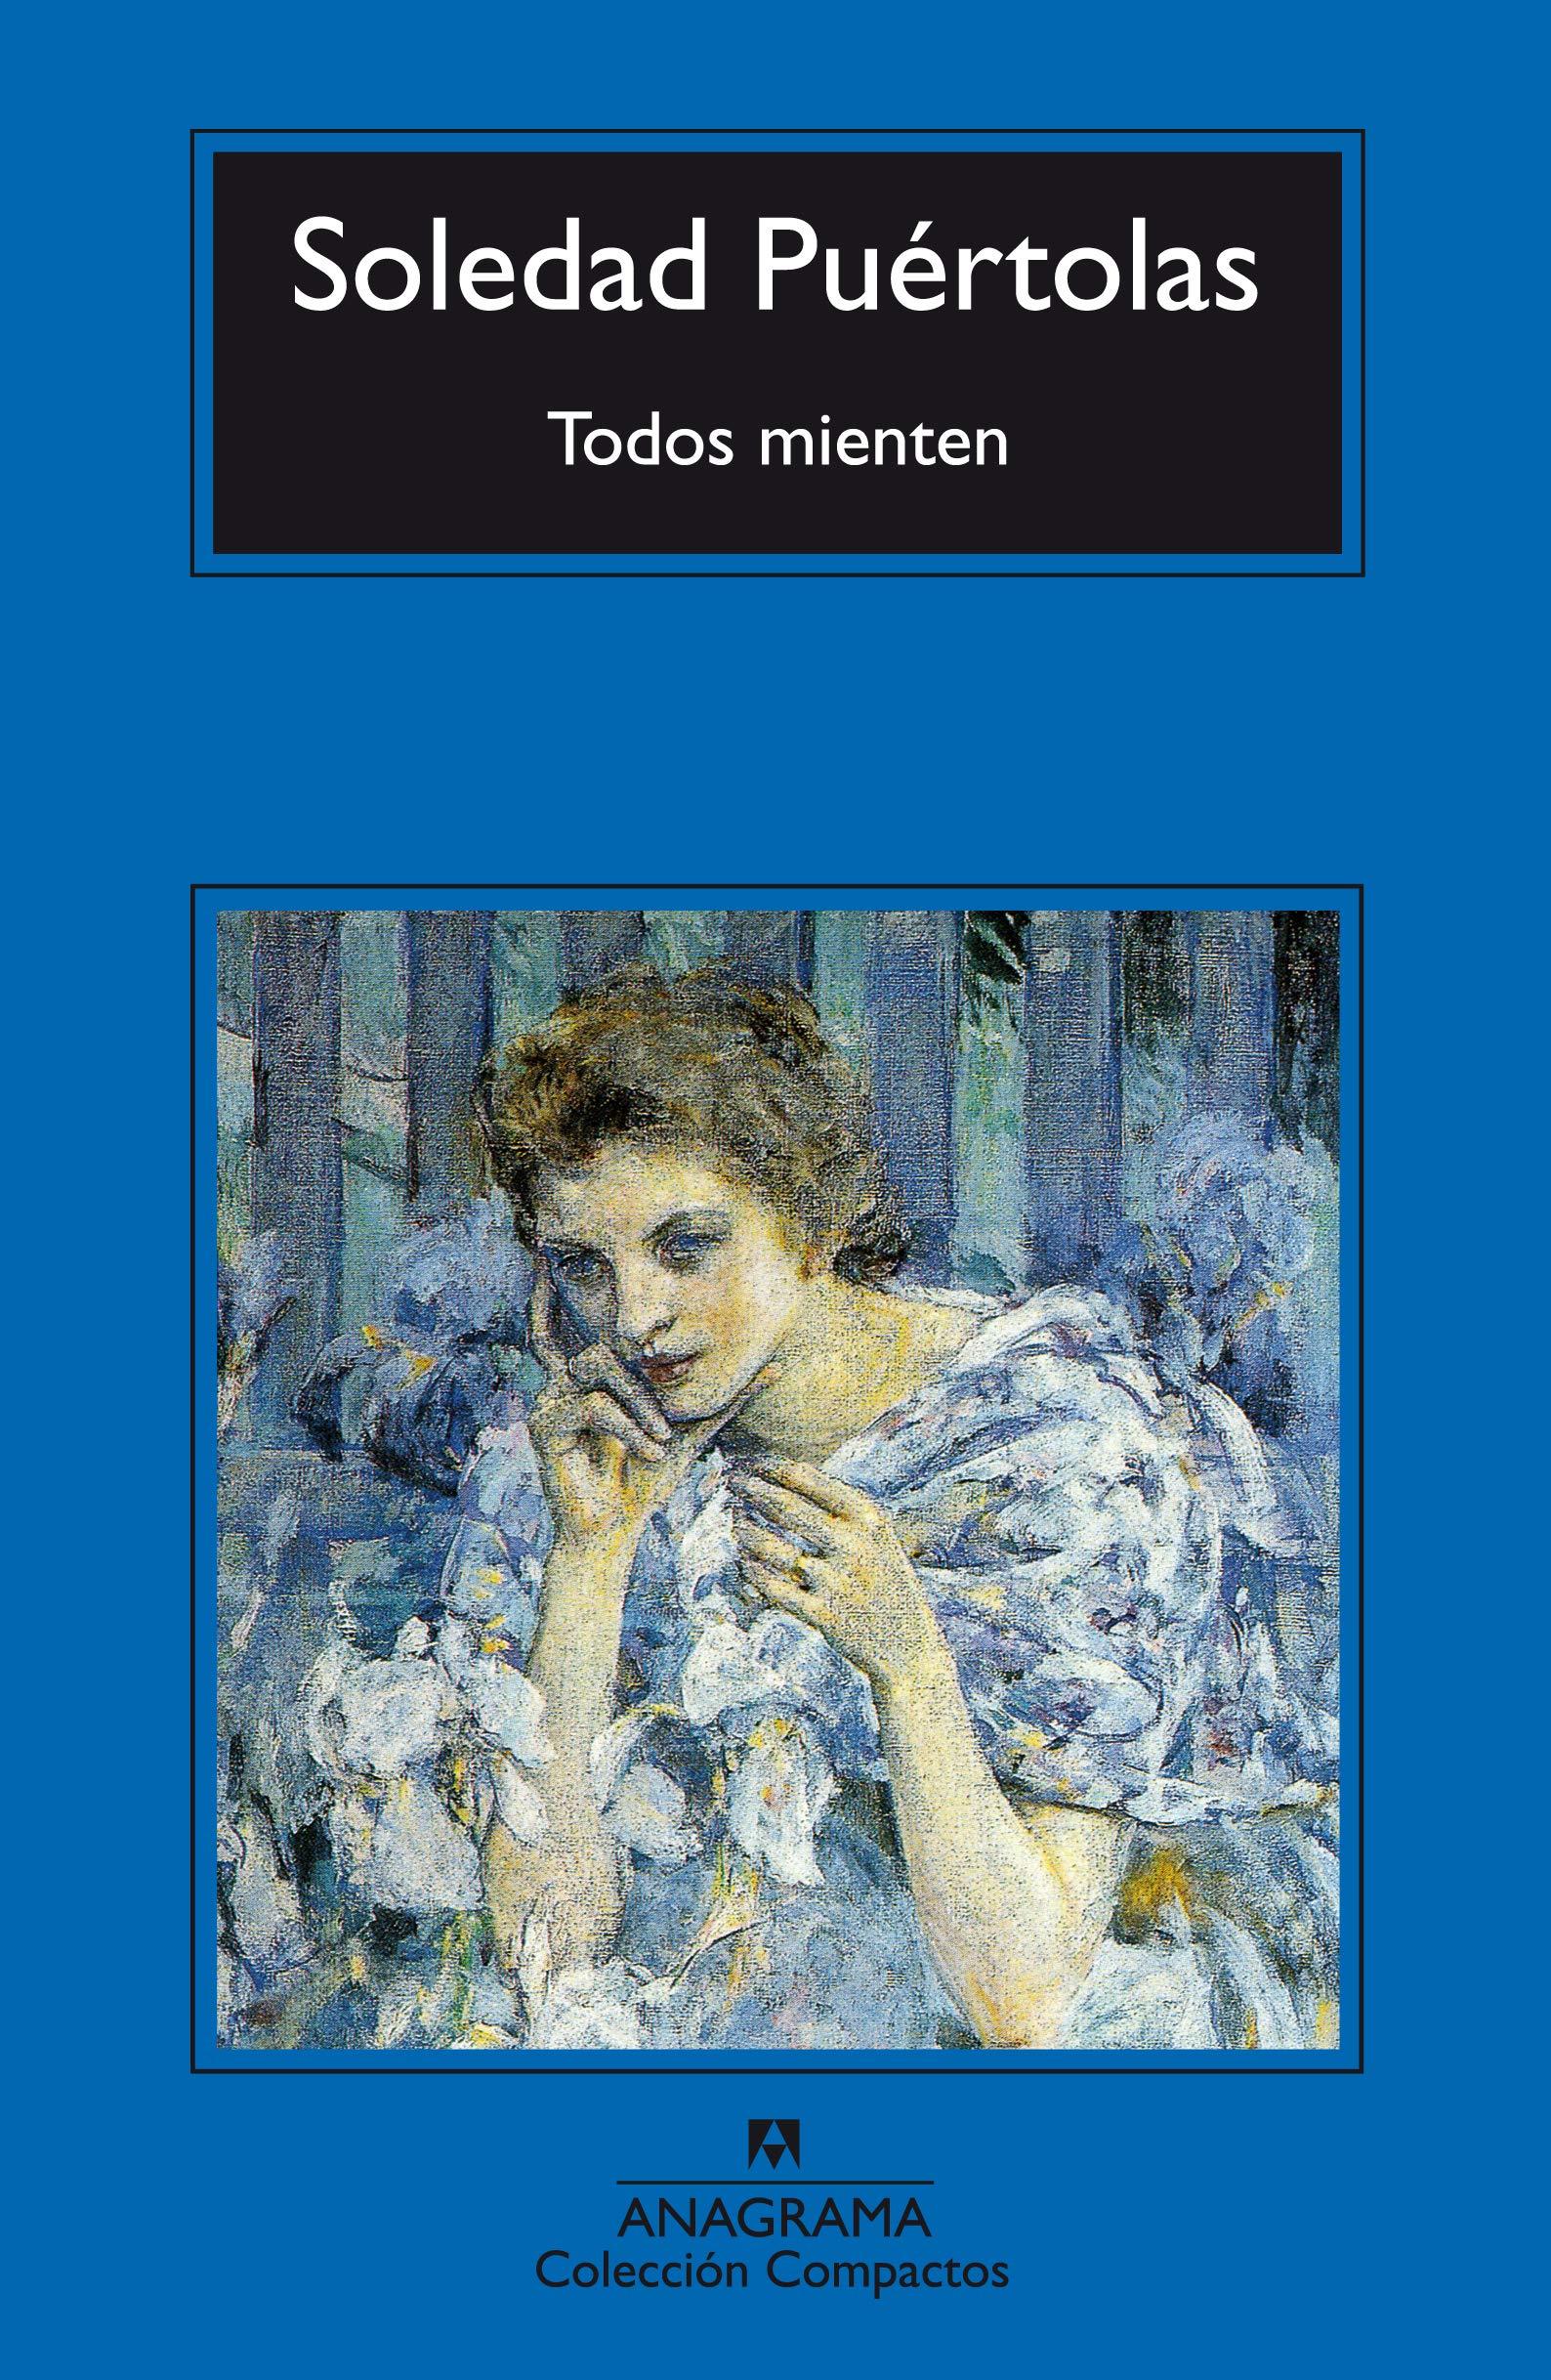 Todos Mienten Compactos Anagrama Band 72 Puértolas Soledad Amazon De Bücher